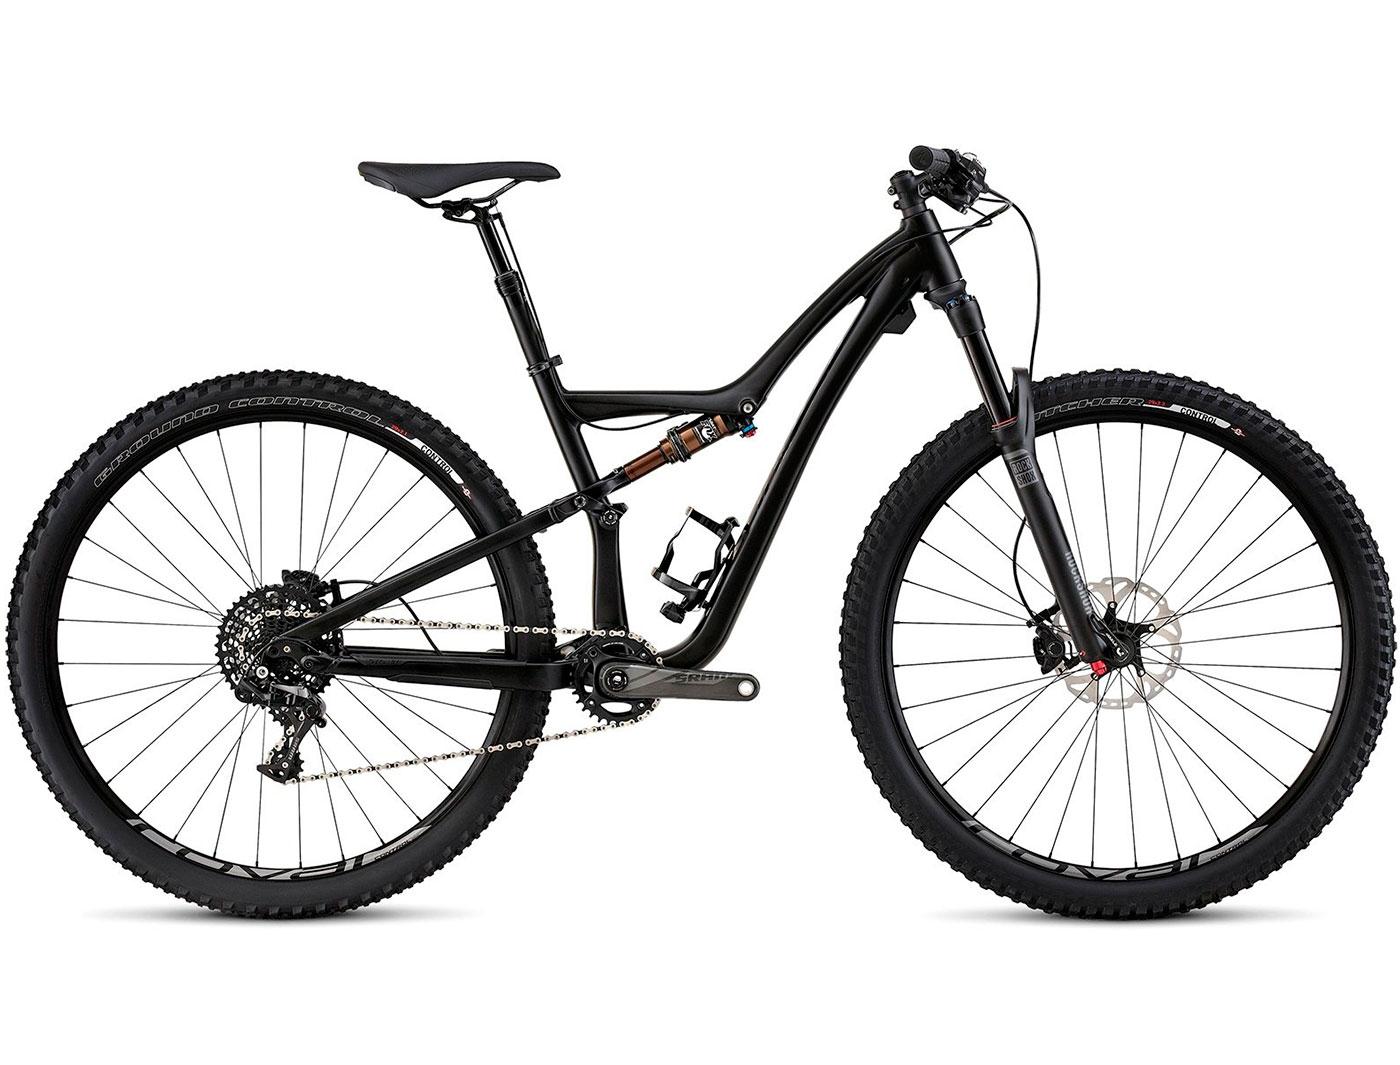 Велосипед Specialized Rumor Expert Evo 29 (2015)